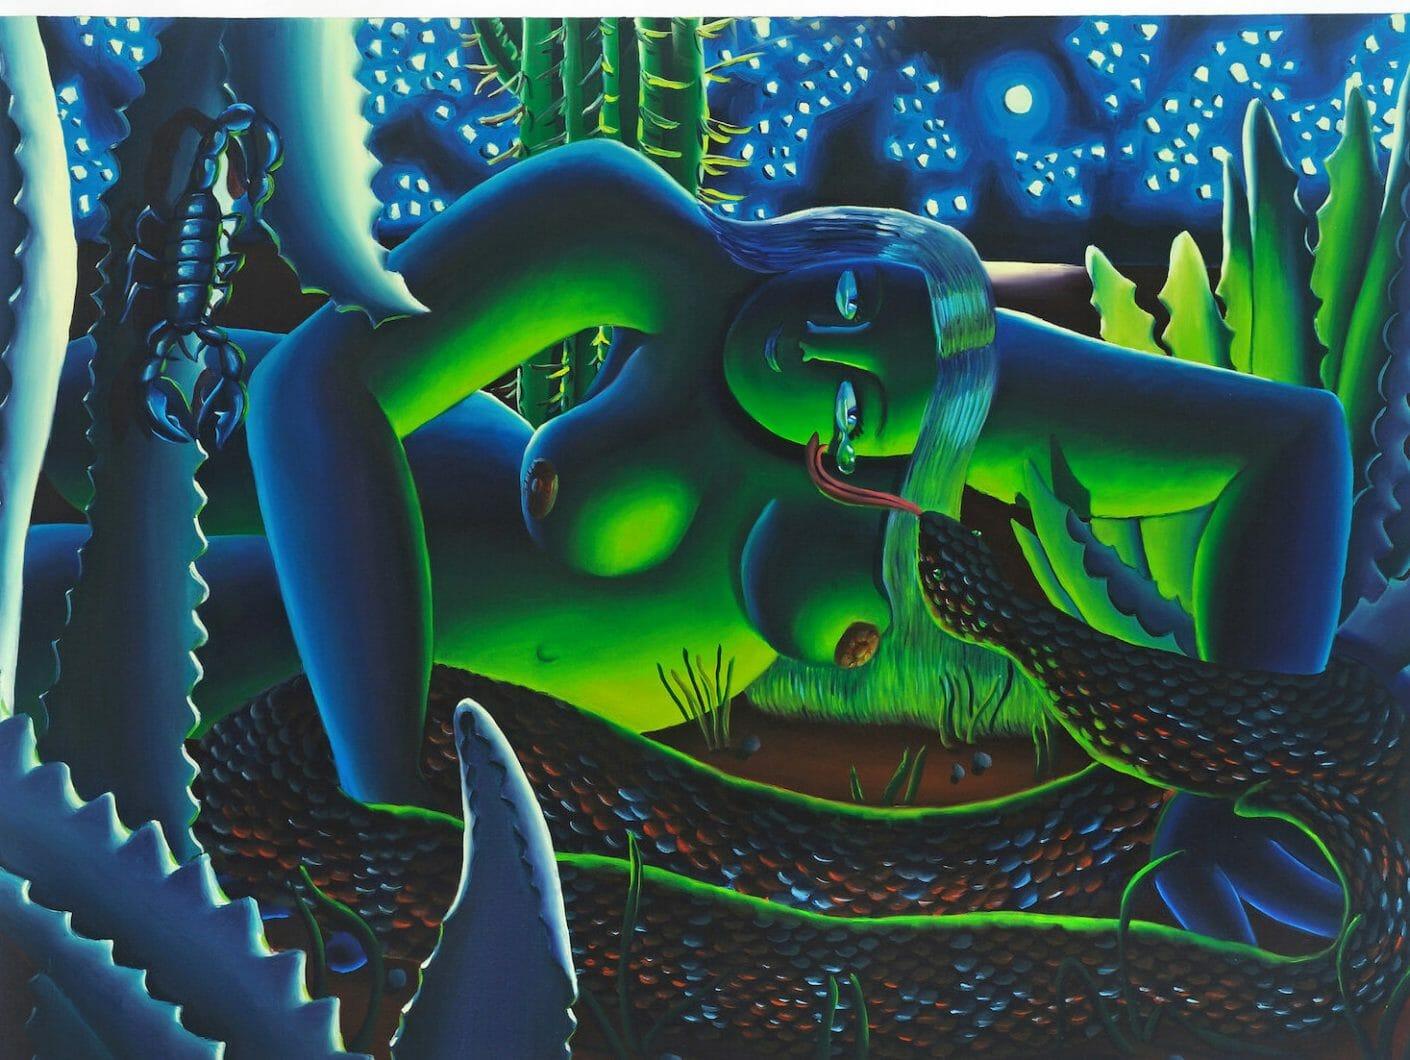 Femme aux couleurs vibrantes avec un serpent peint par l'artiste